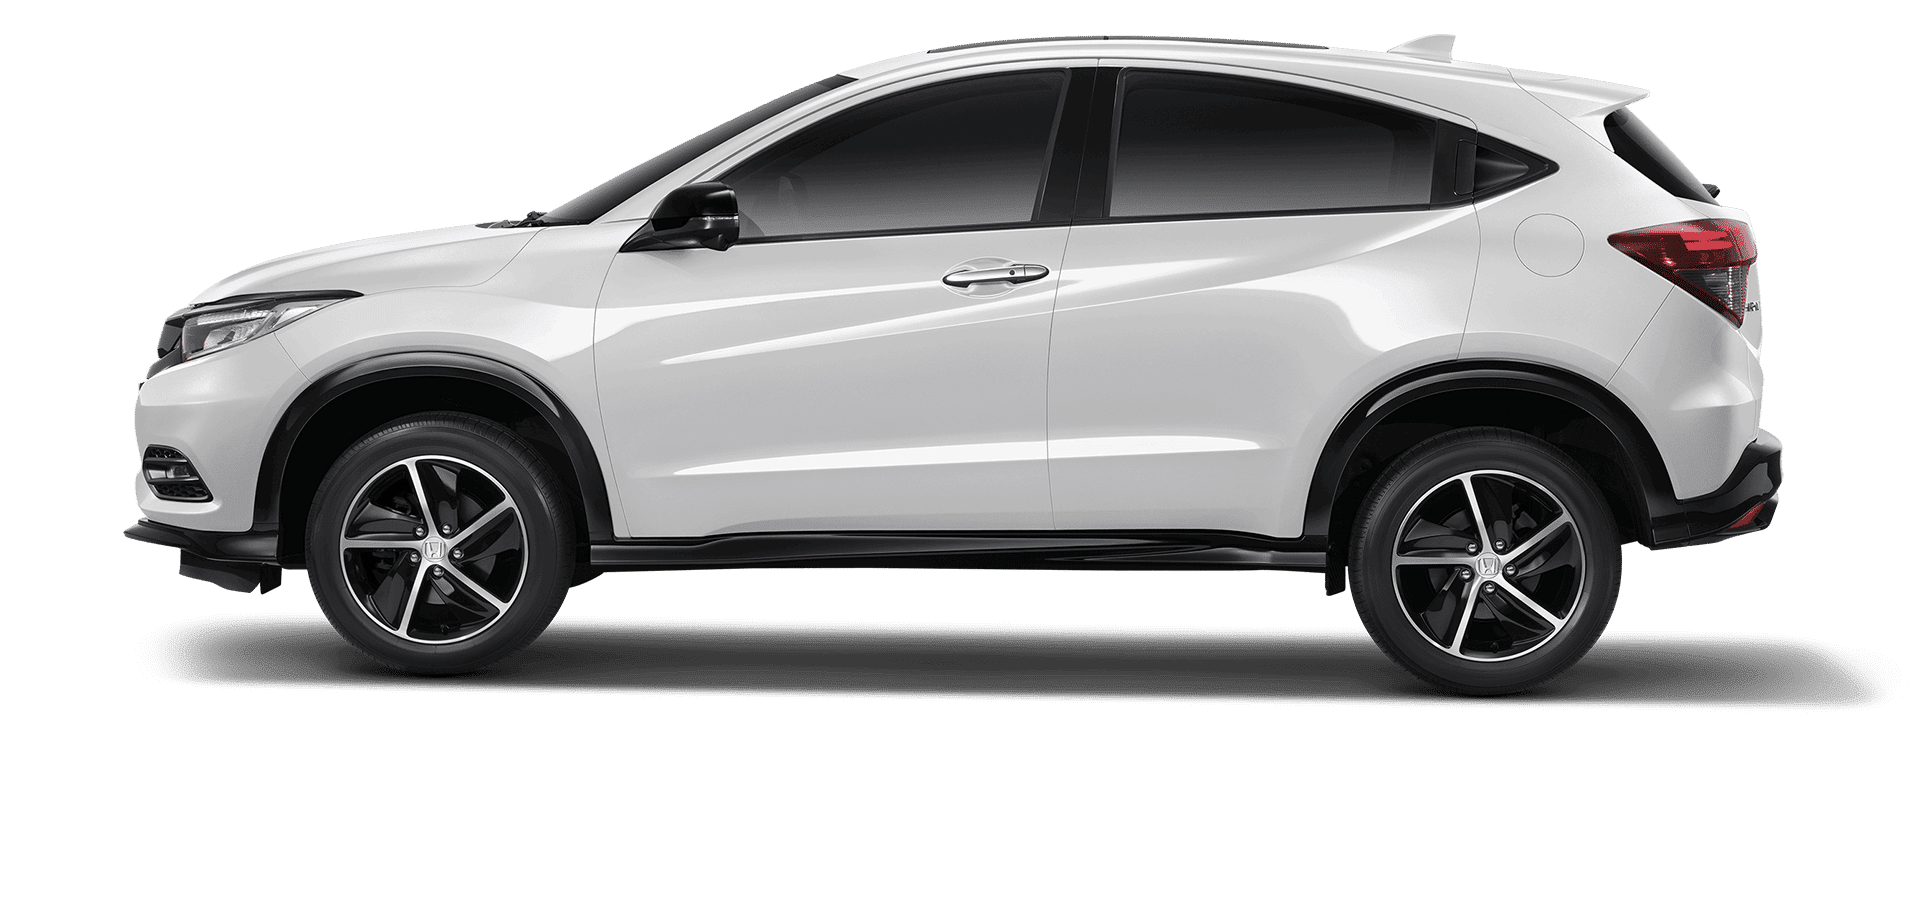 ขาวแพลทินัม (มุก) - Platinum White Pearl (NH-883P)